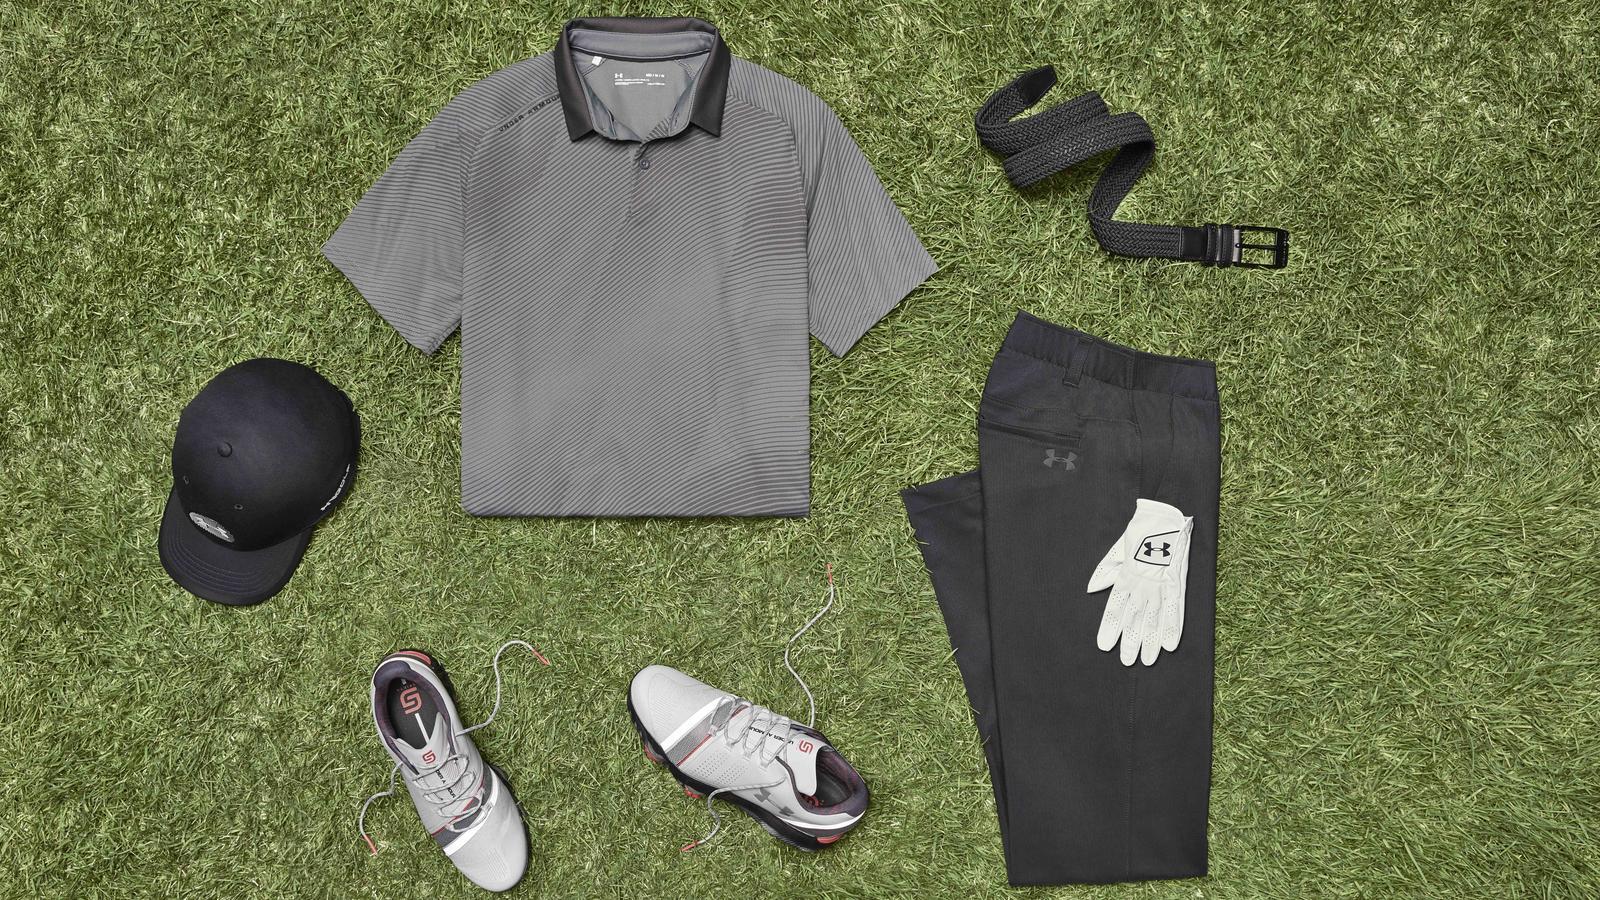 2019 PGA Championship: Jordan's UA Sunday Scripting